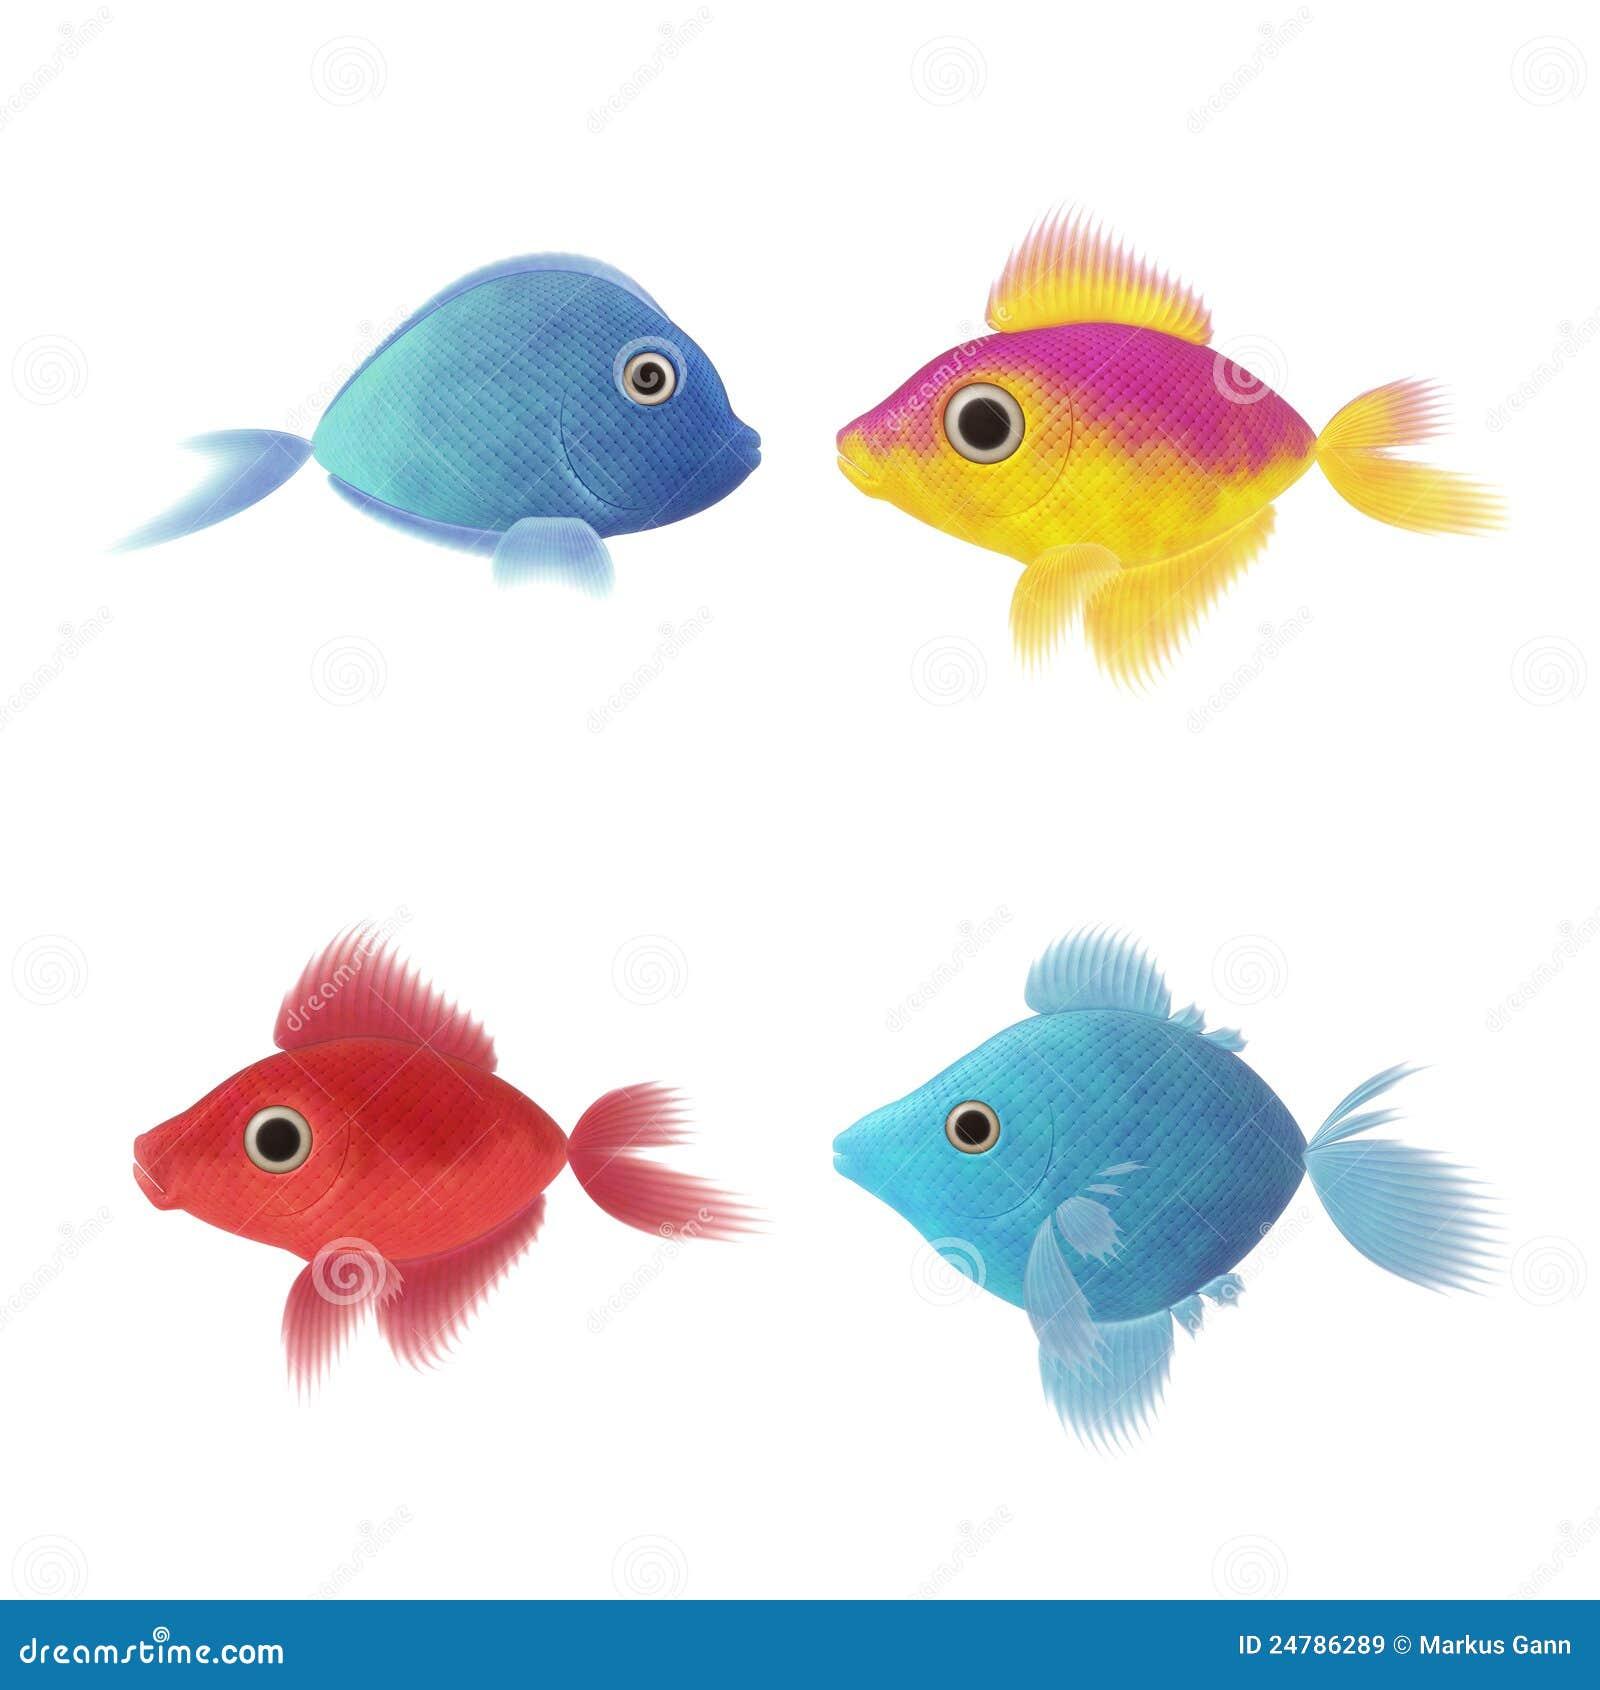 nice fish wallpaper